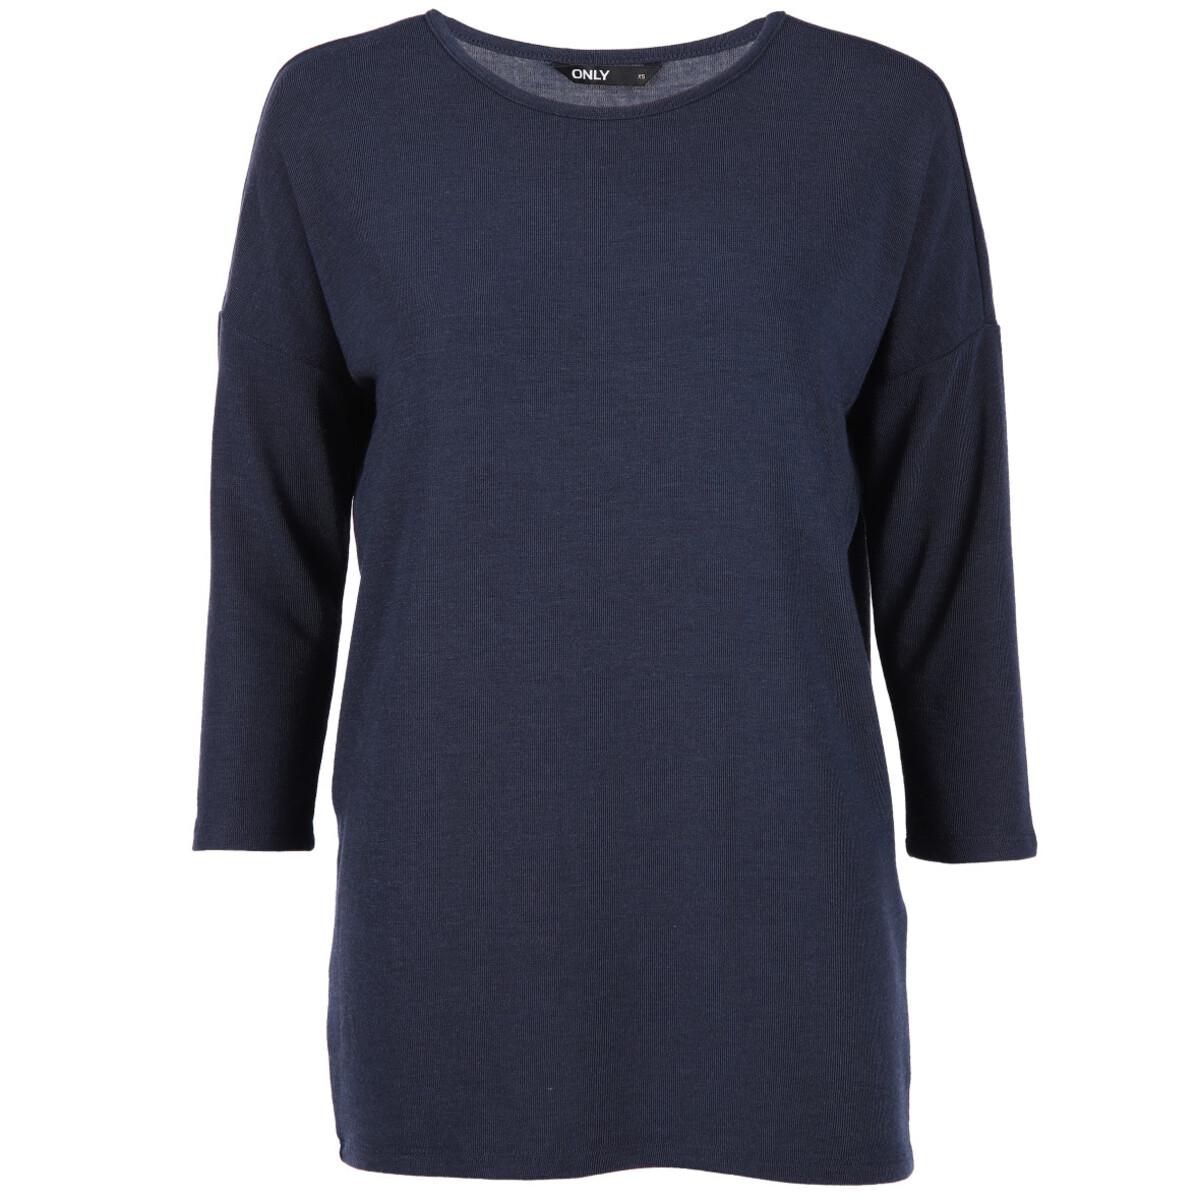 Bild 1 von Only ONLGLAMOUR 3/4 TOP JR Shirt